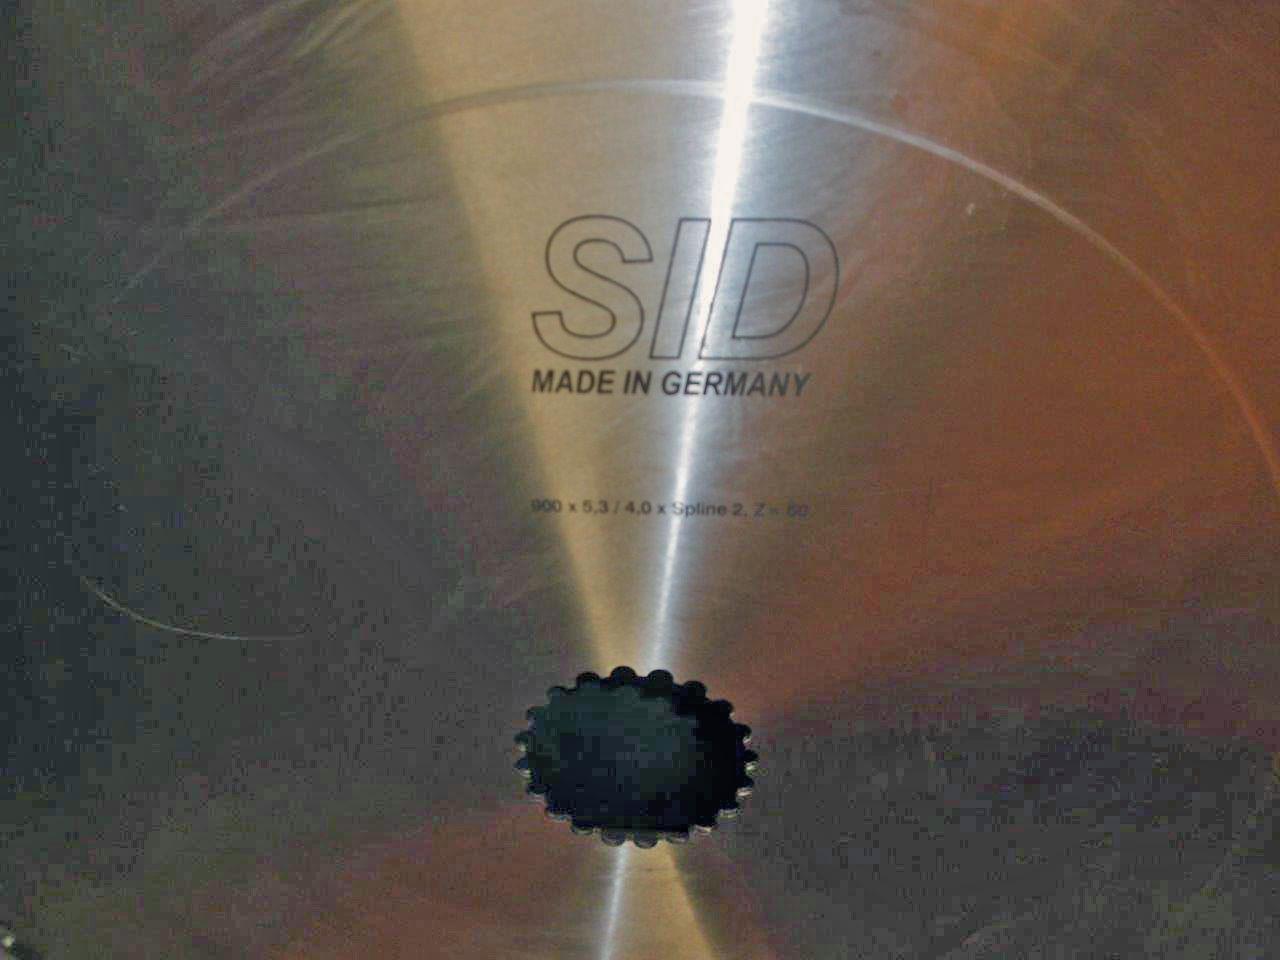 SID_900mm_5,3-4,0mm_z=60_04